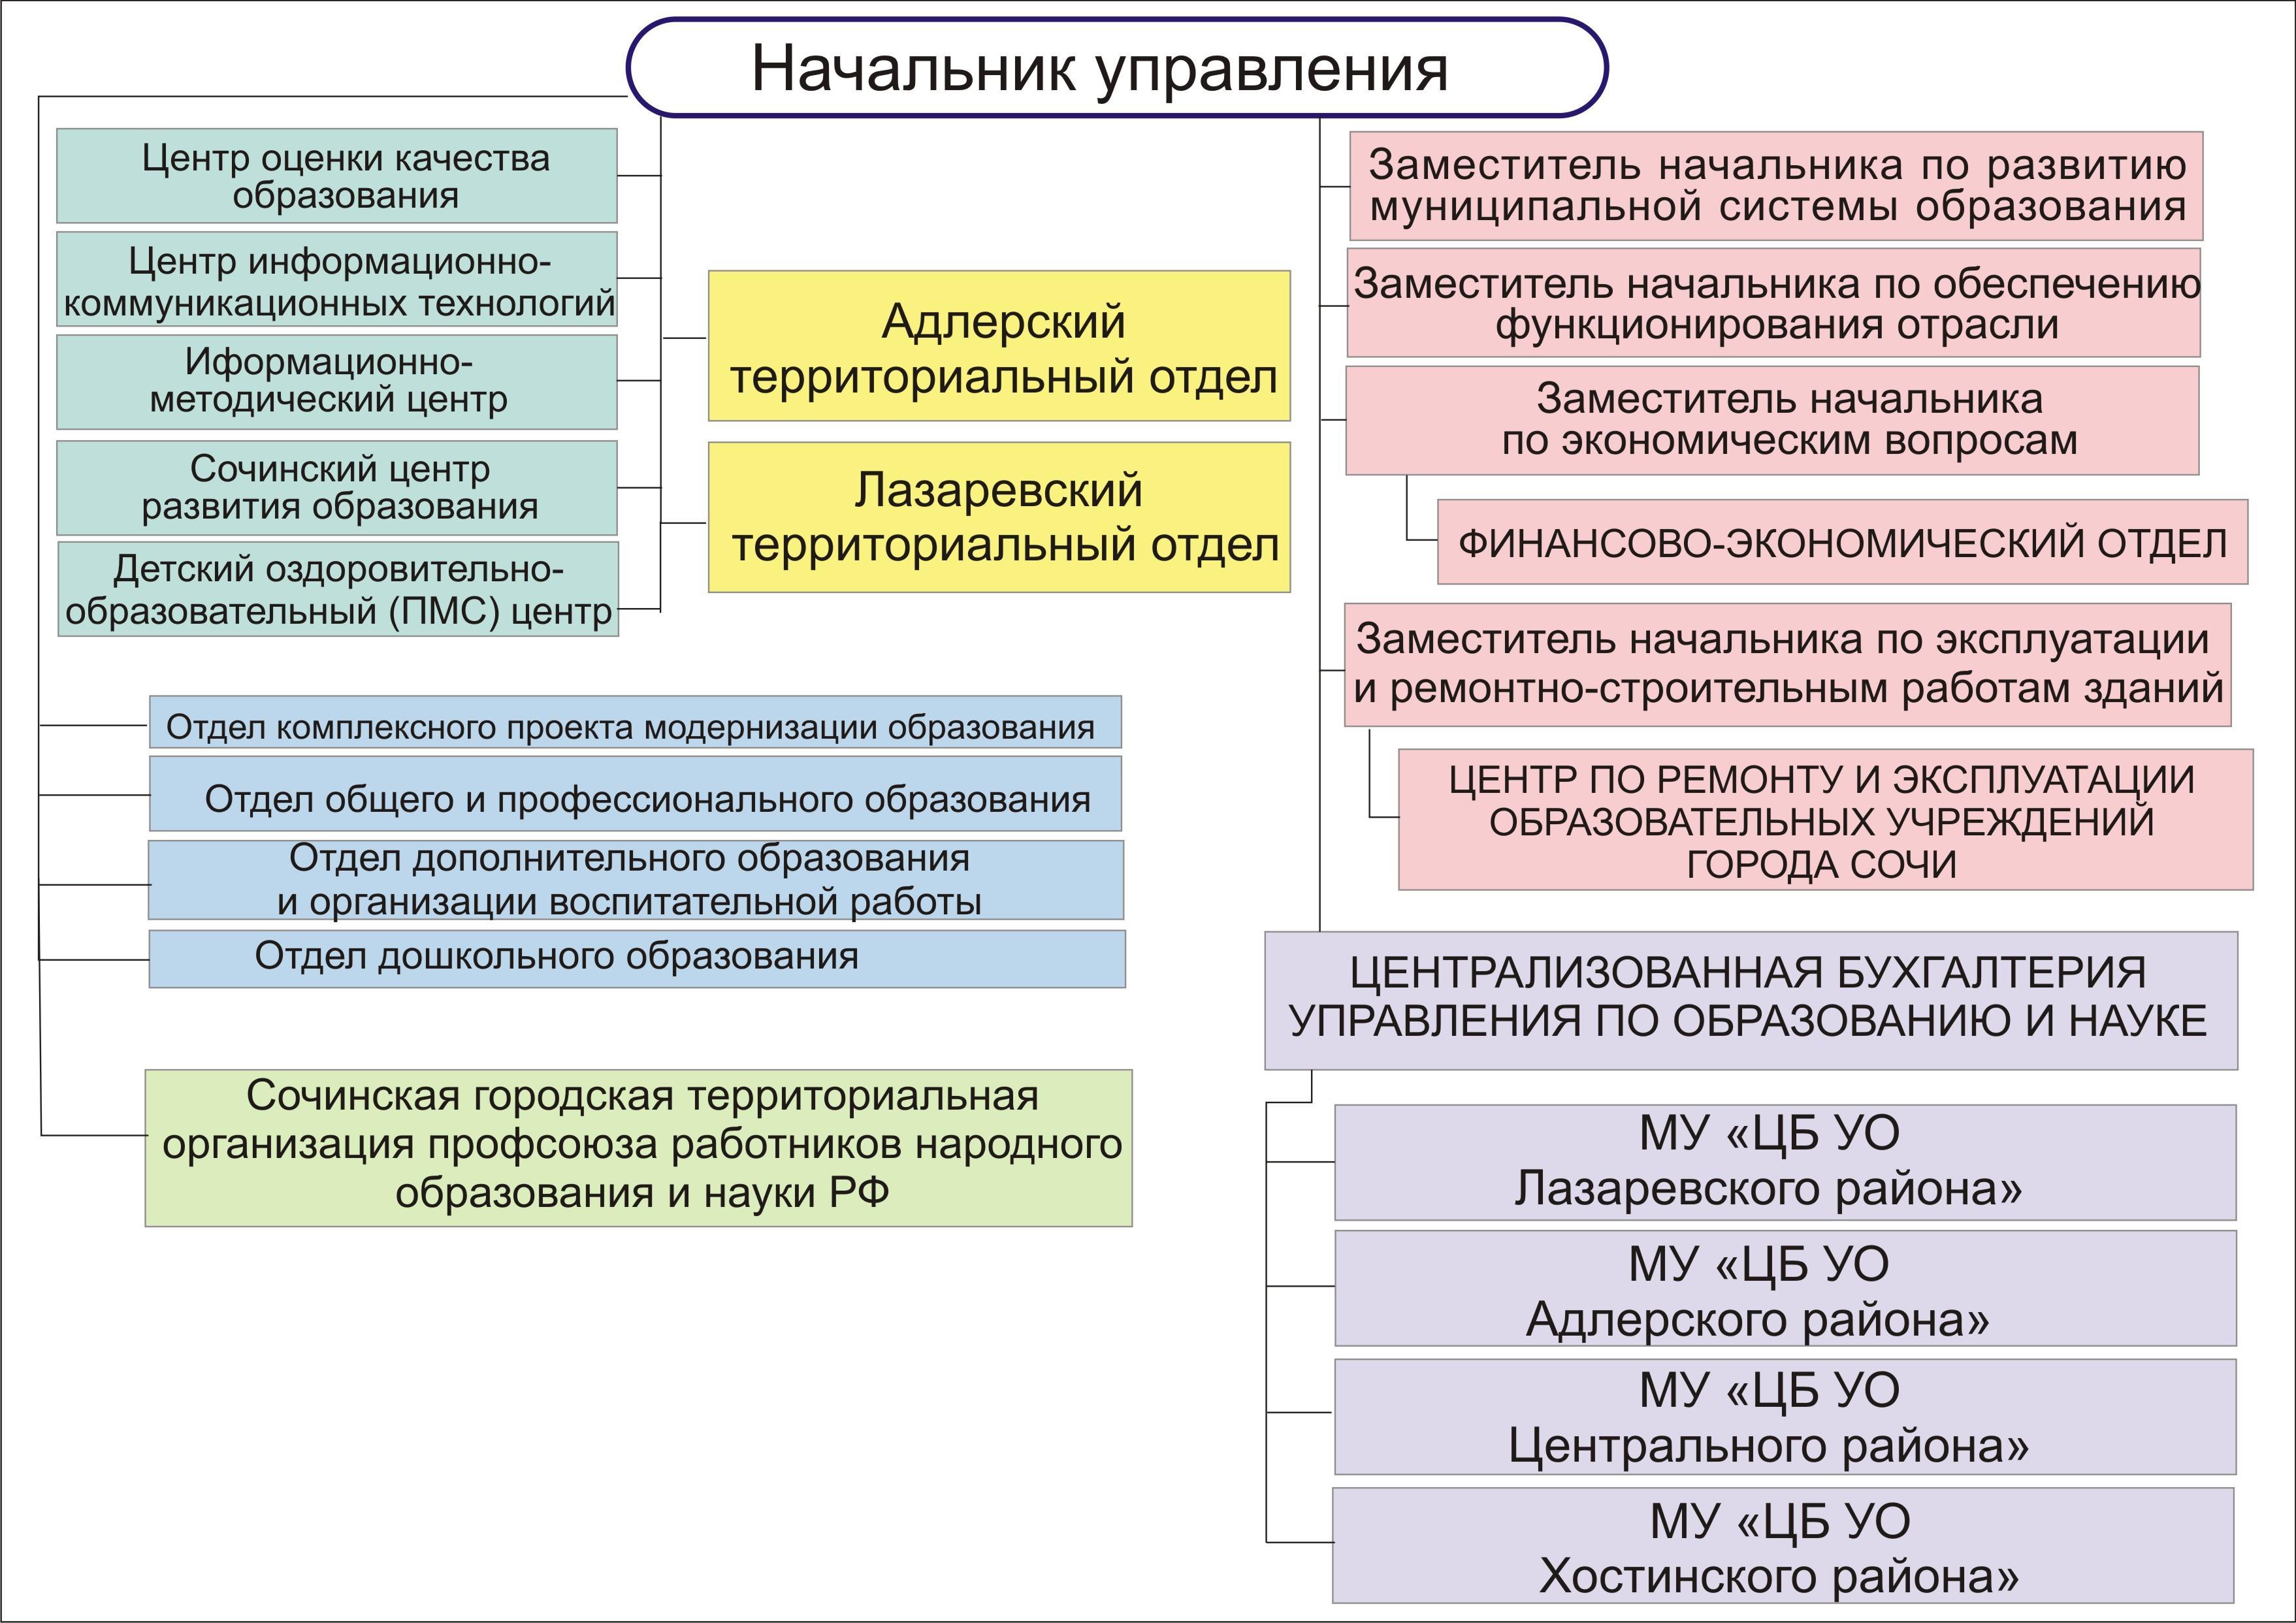 схема структура управления в доу